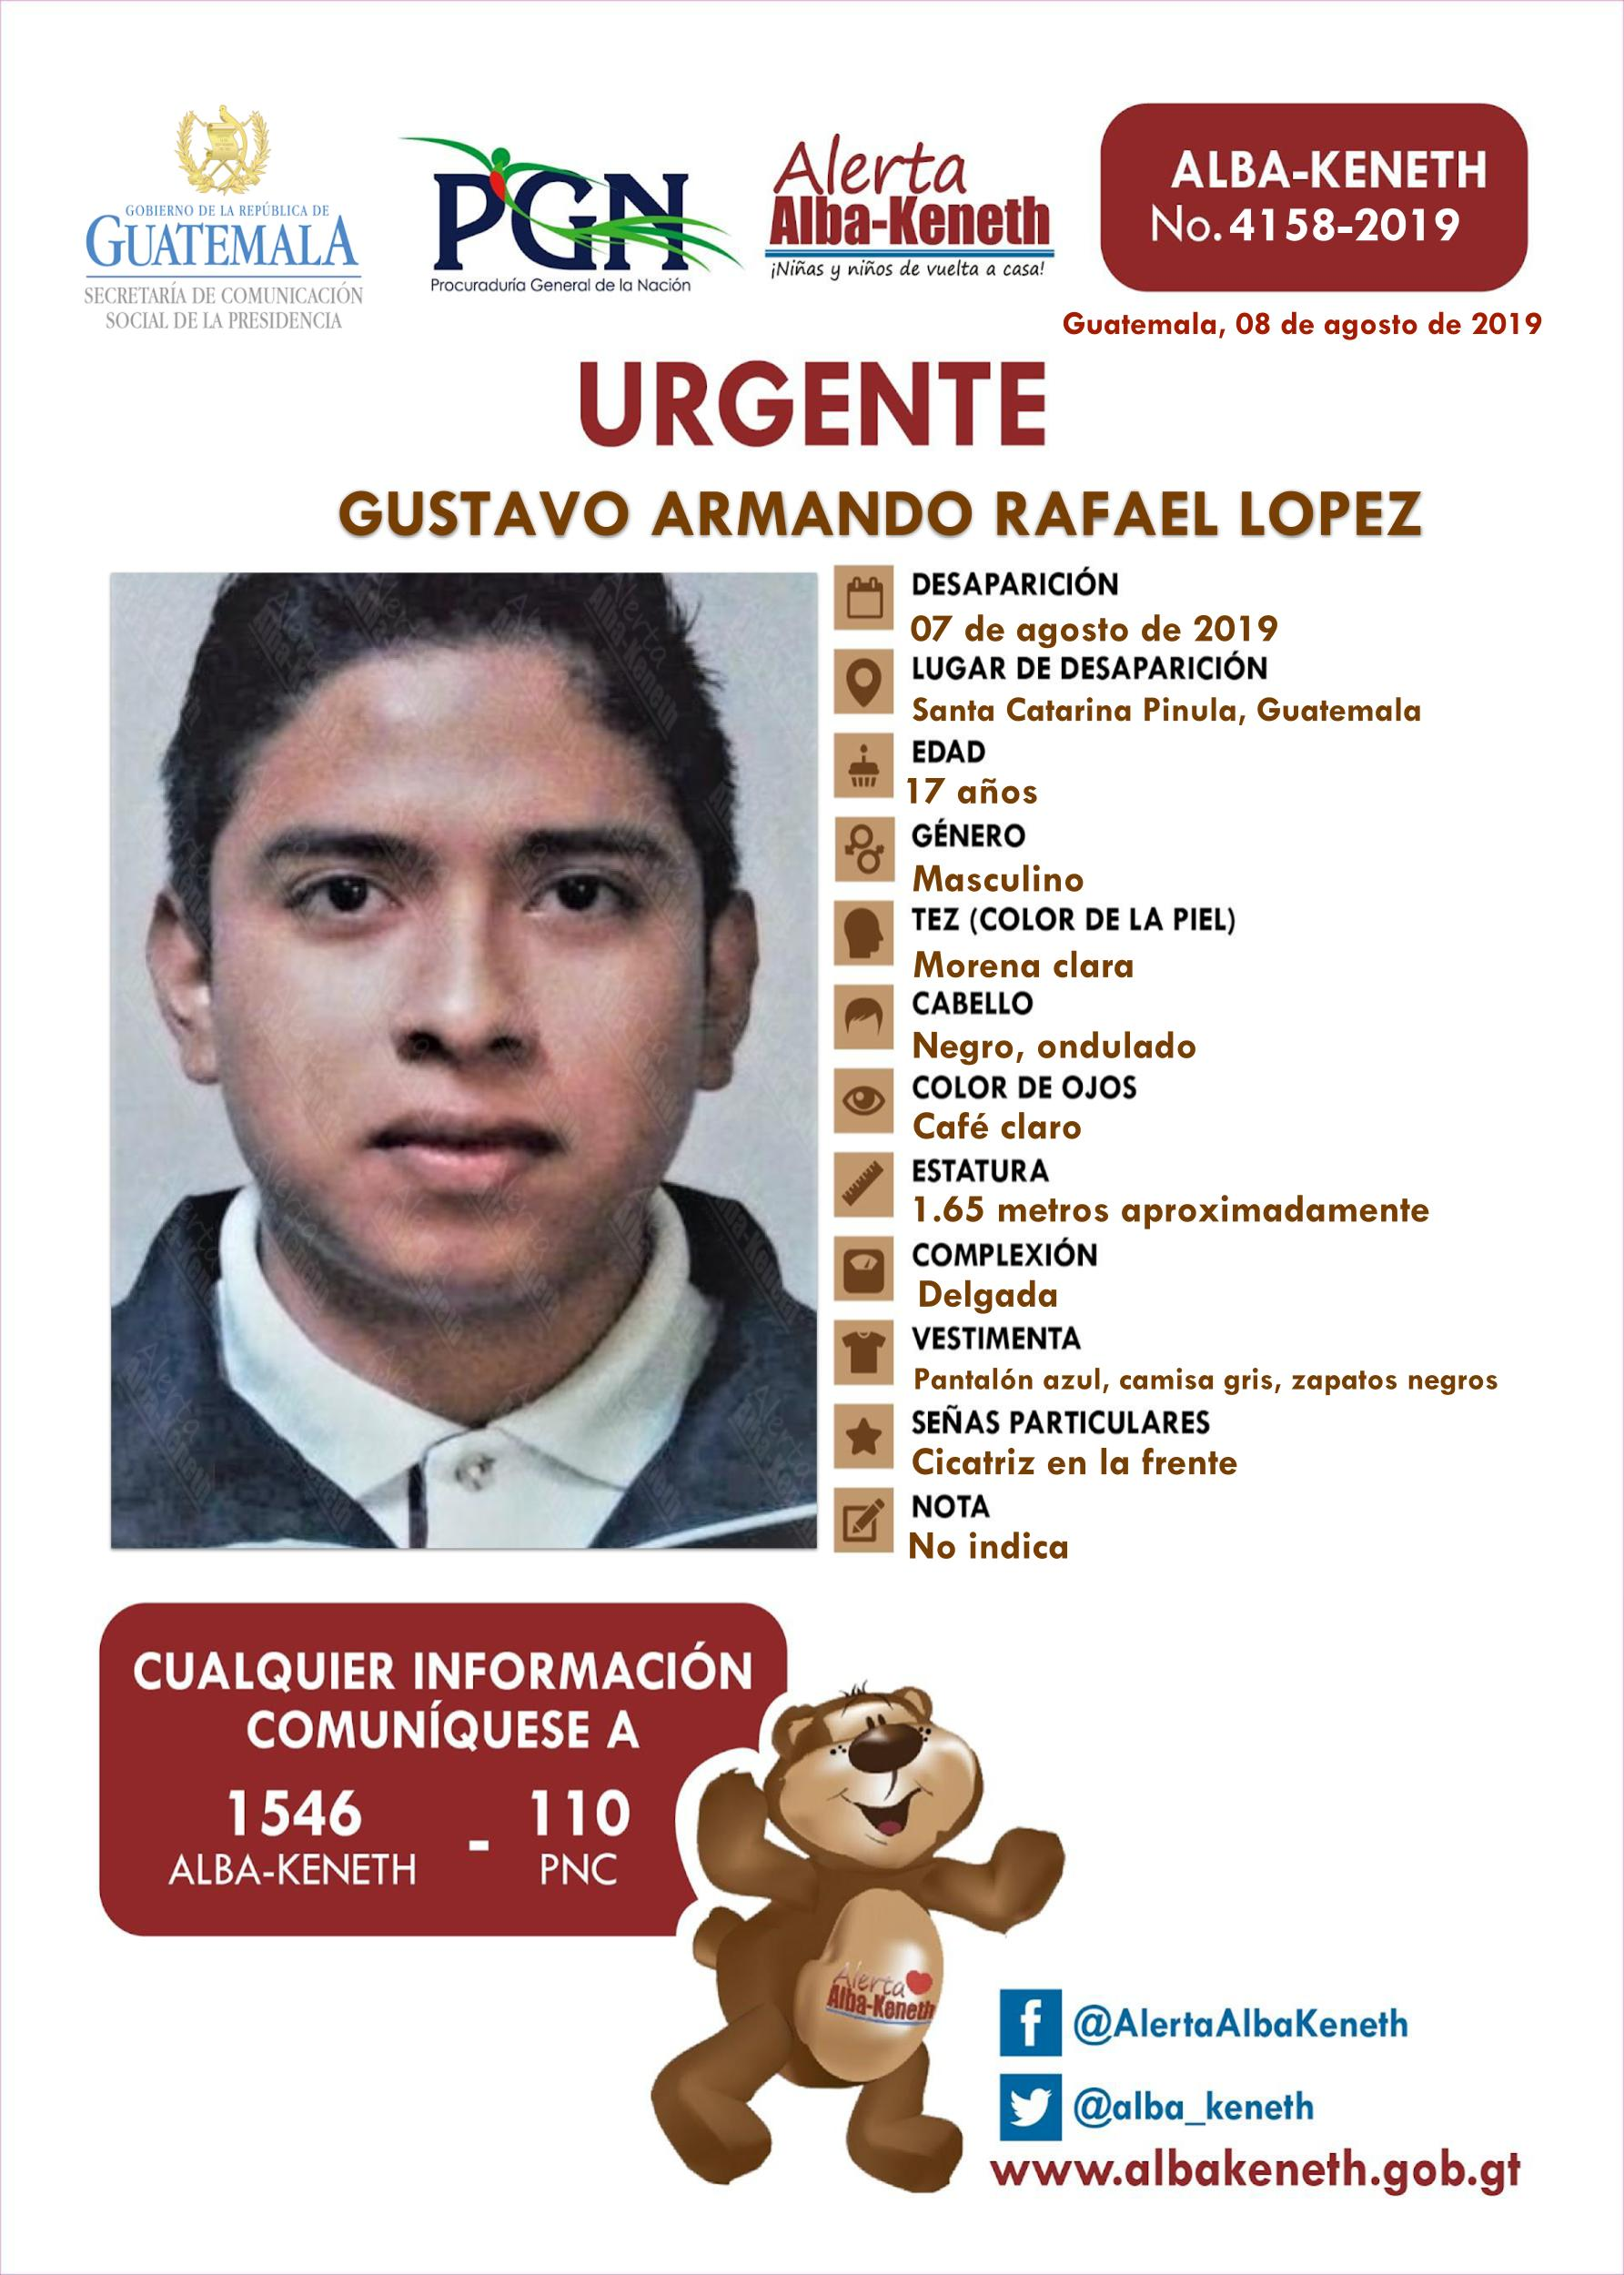 Gustavo Armando Rafael Lopez